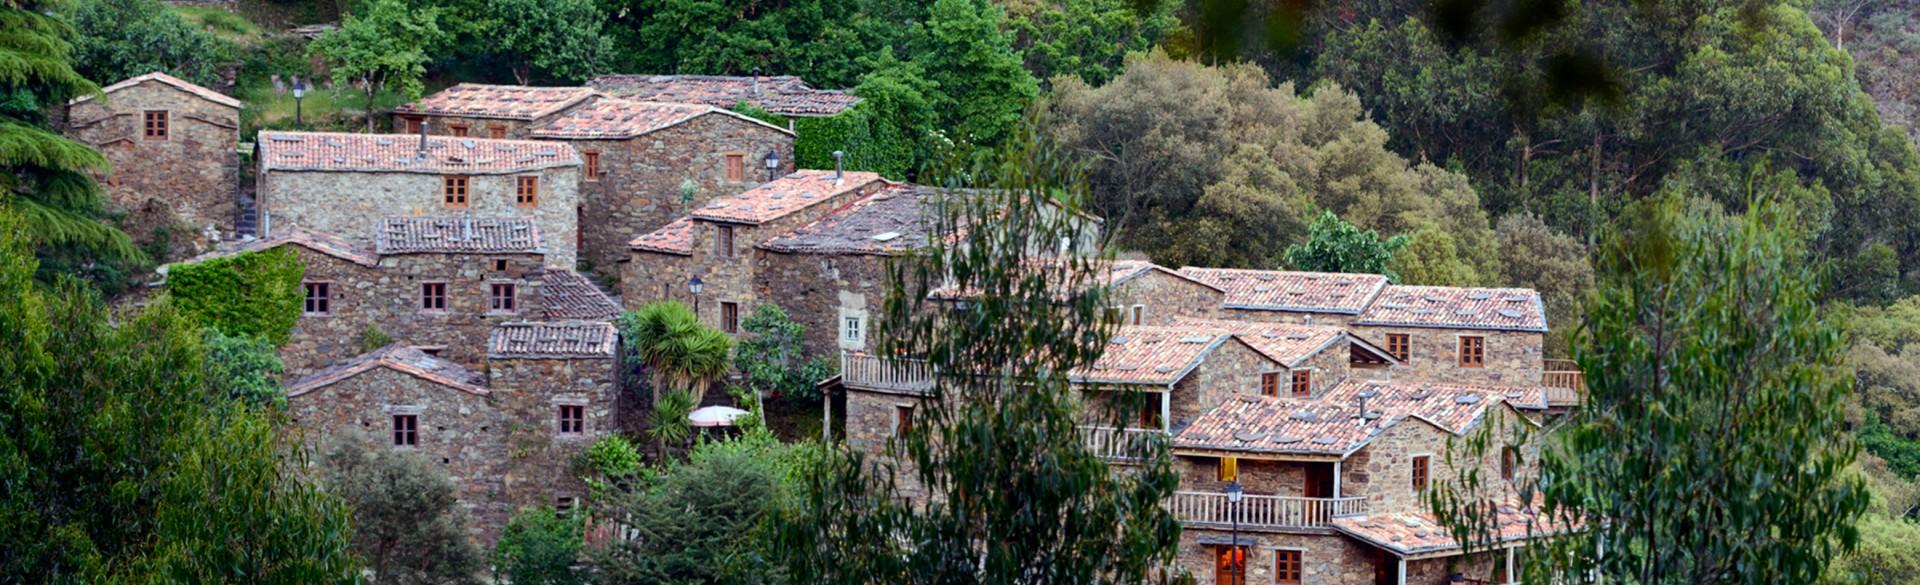 Casa da Árvore - Cerdeira - Home for Creativity